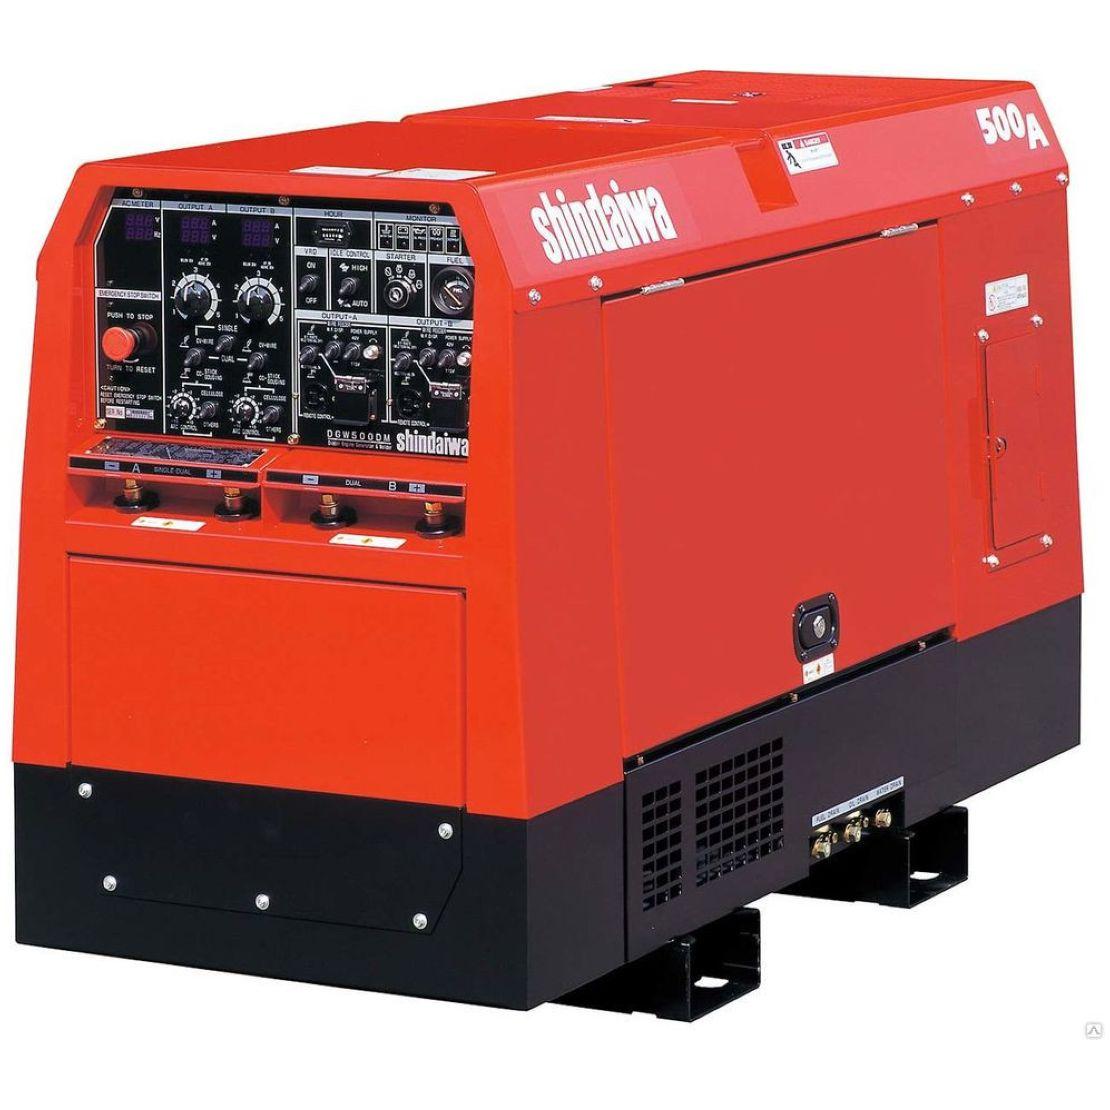 Сварочный агрегат Shindaiwa DGW500DM/RU